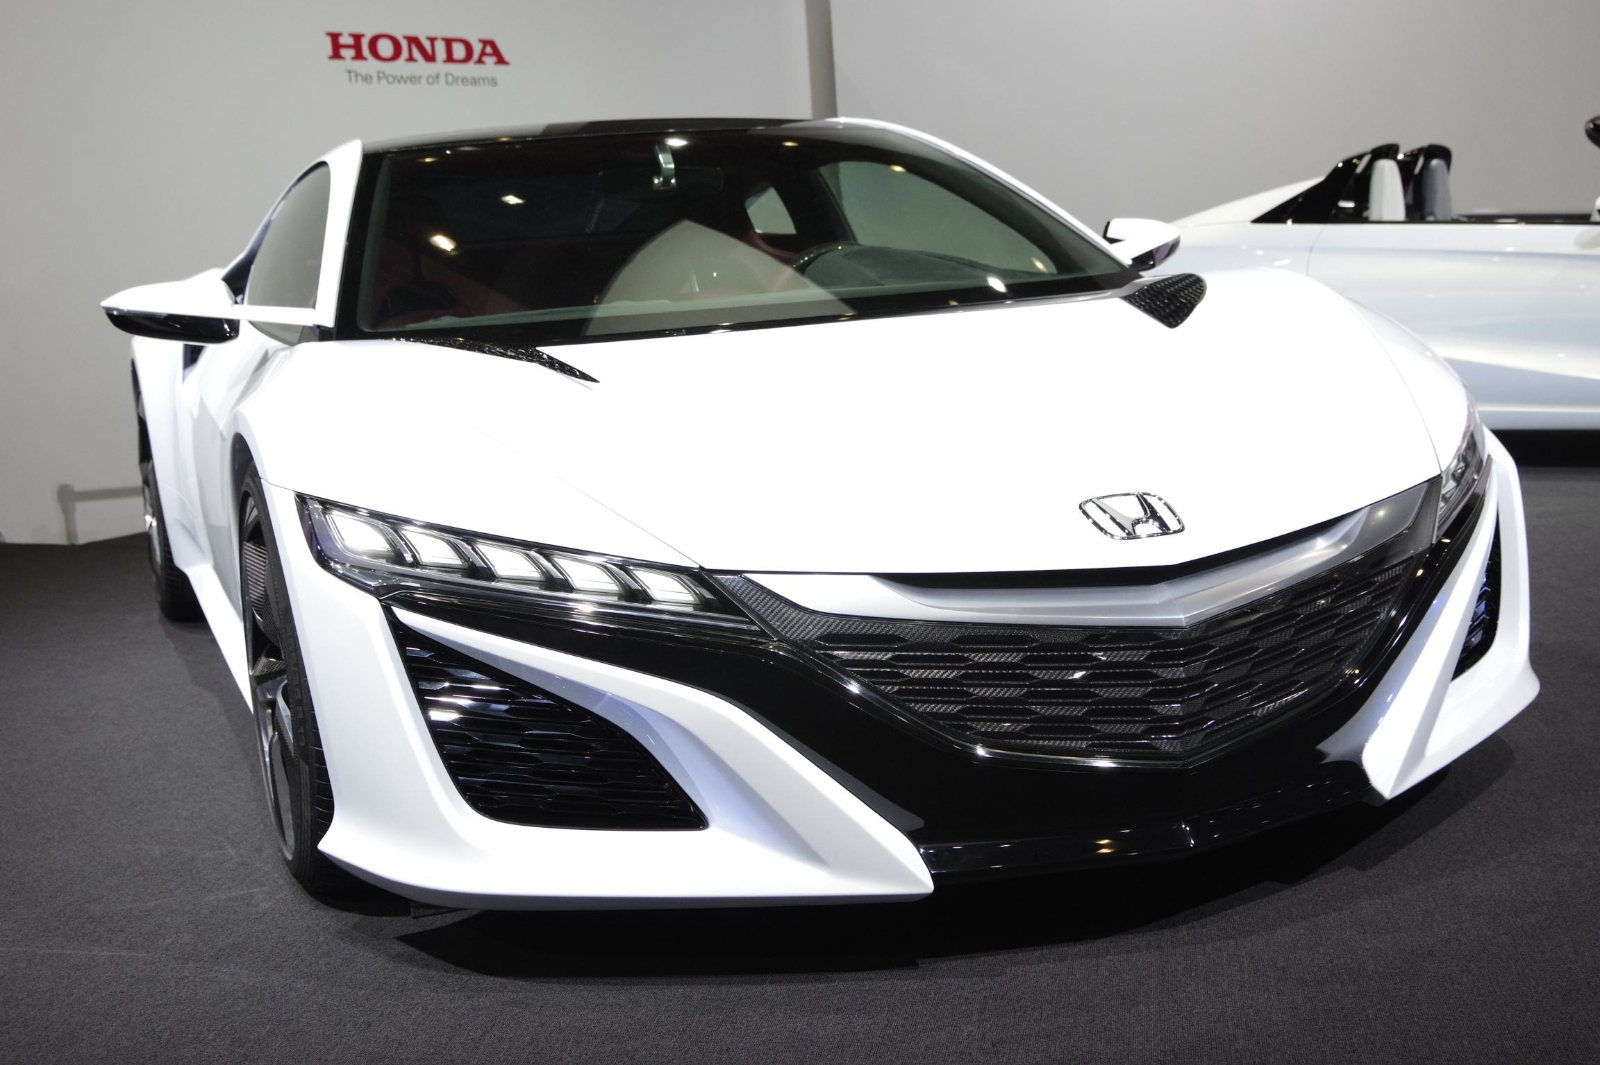 Tokyo 2013 Honda Nsx Concept In White Live Photos